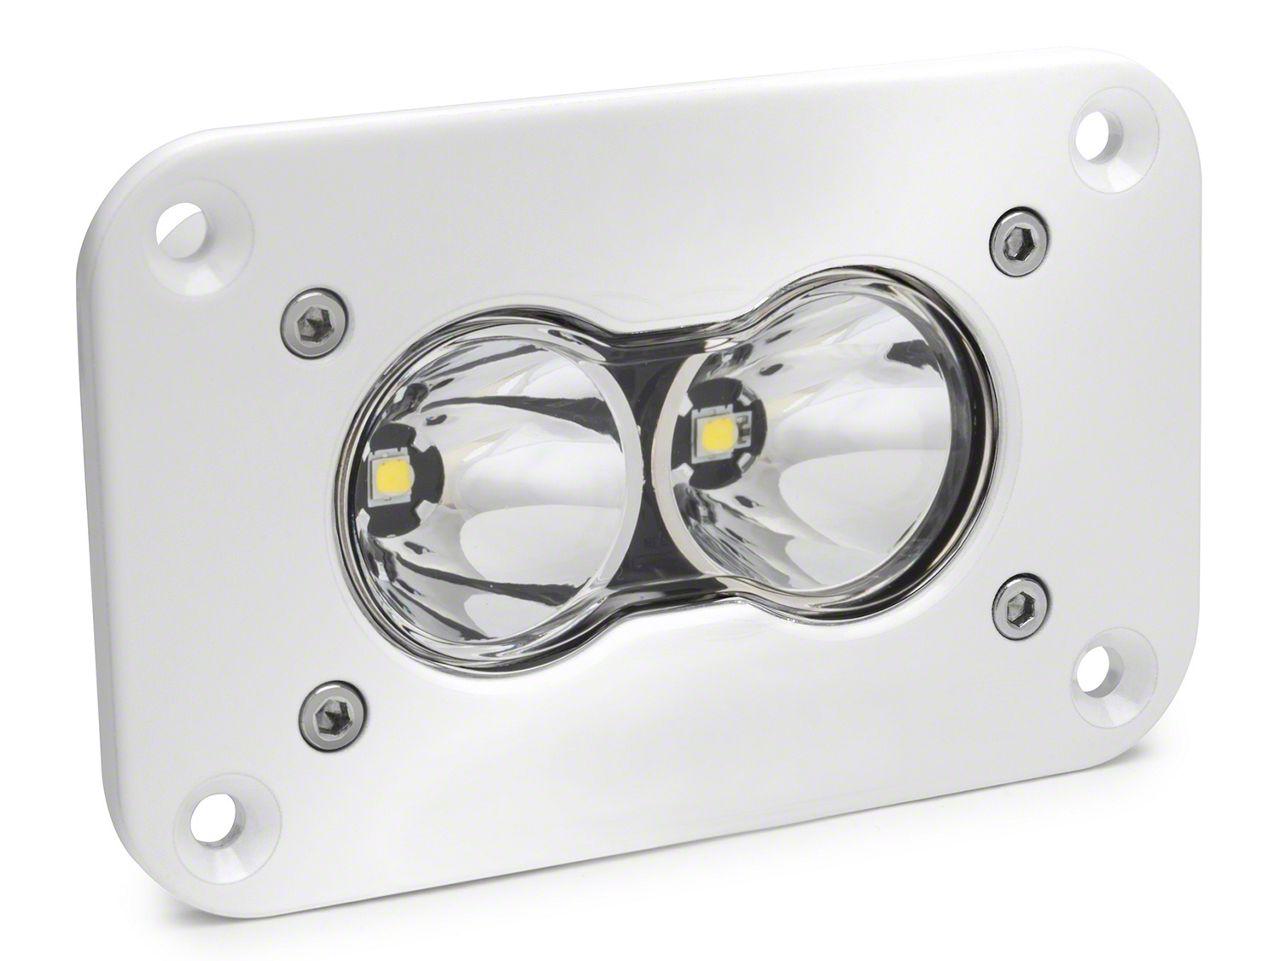 Baja Designs S2 Pro White Flush Mount LED Light - Flood/Work Beam